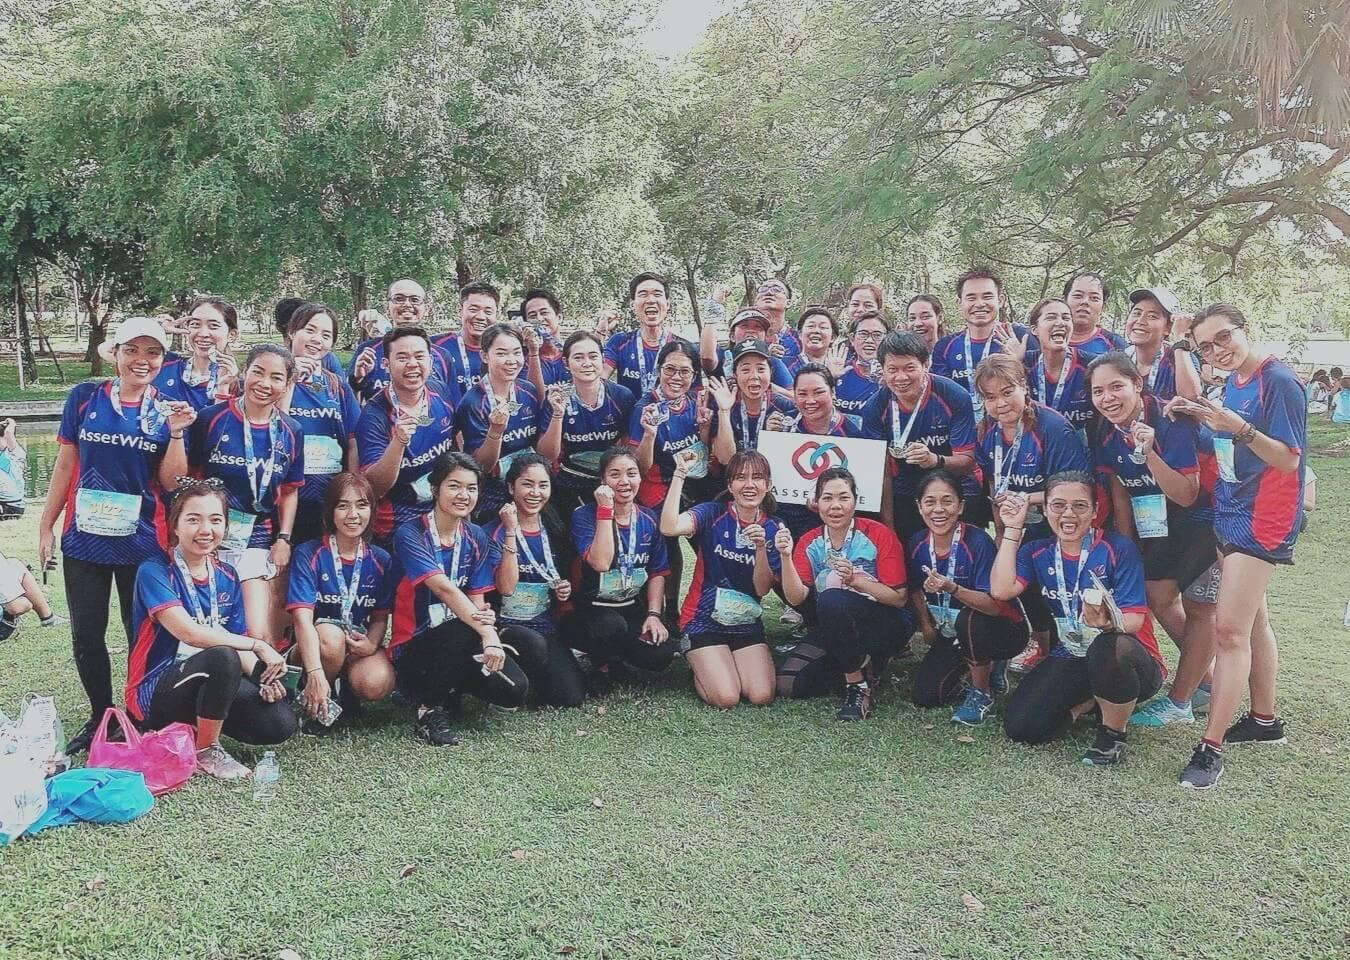 ชมรมวิ่ง AssetWise เข้าร่วมกิจกรรมวิ่ง Run for life ครั้งที่ 3